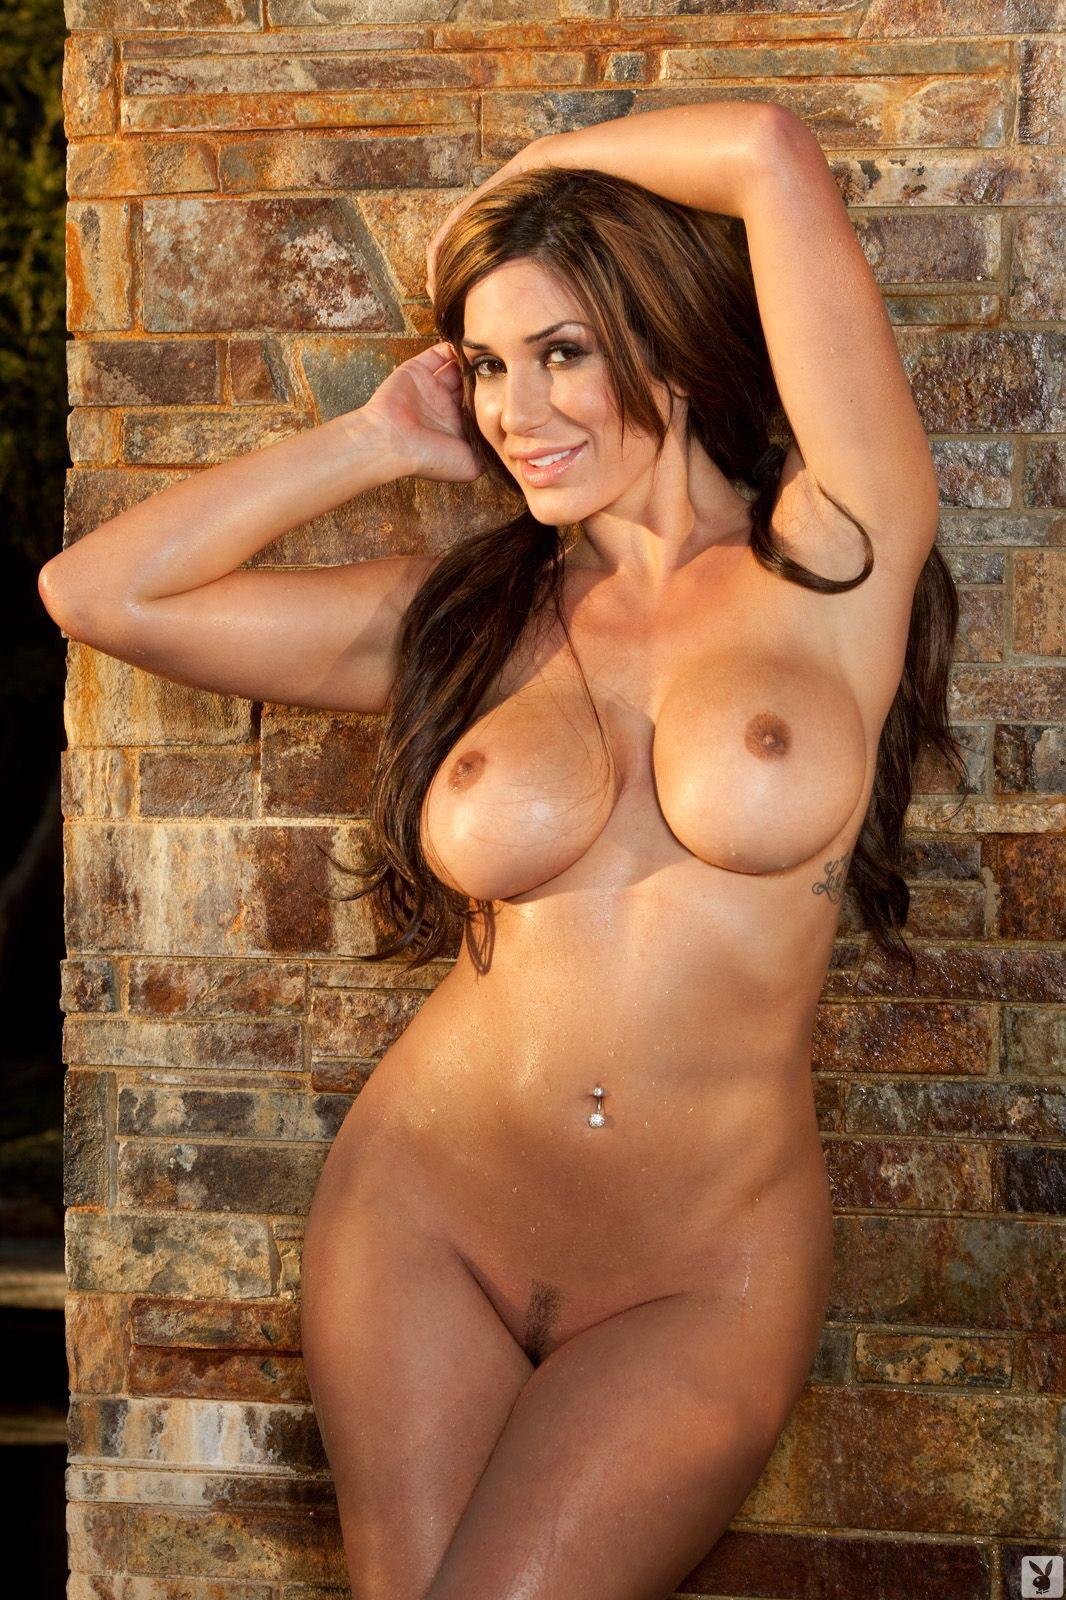 Nikki benz hot ass